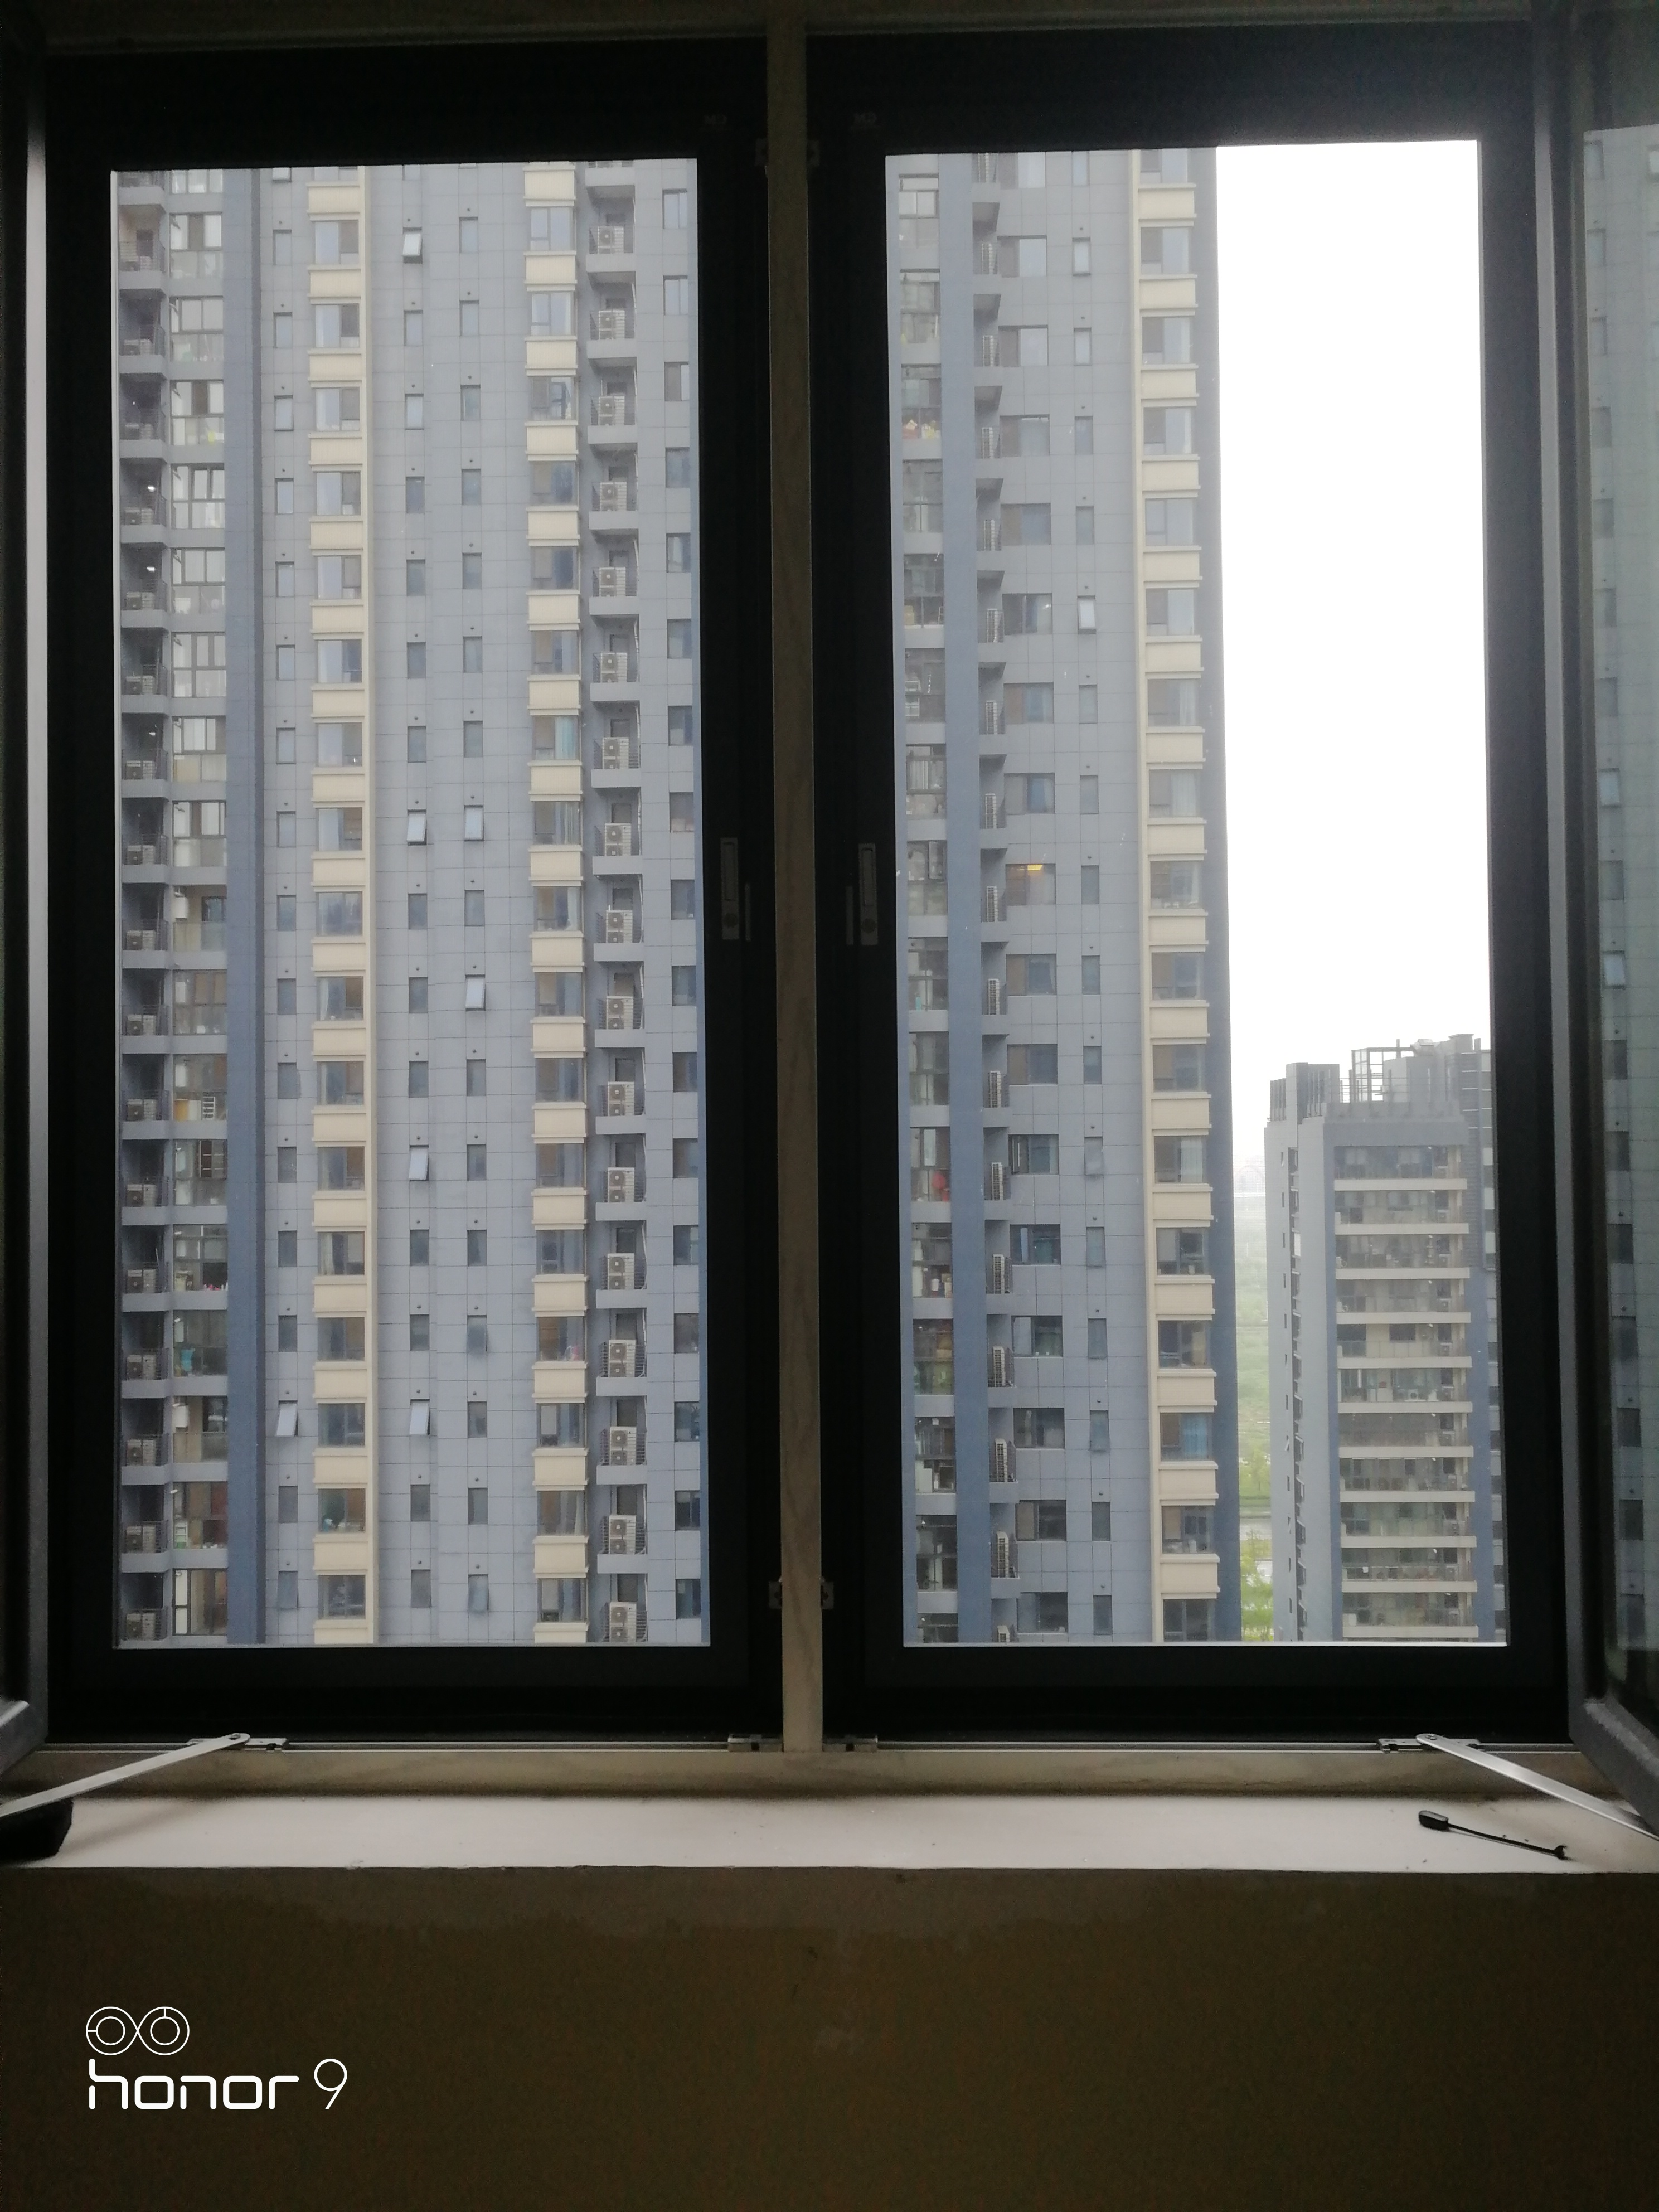 家住10楼物业不准安装防盗网,改装金刚网纱窗,比防盗窗结实安全(图3)